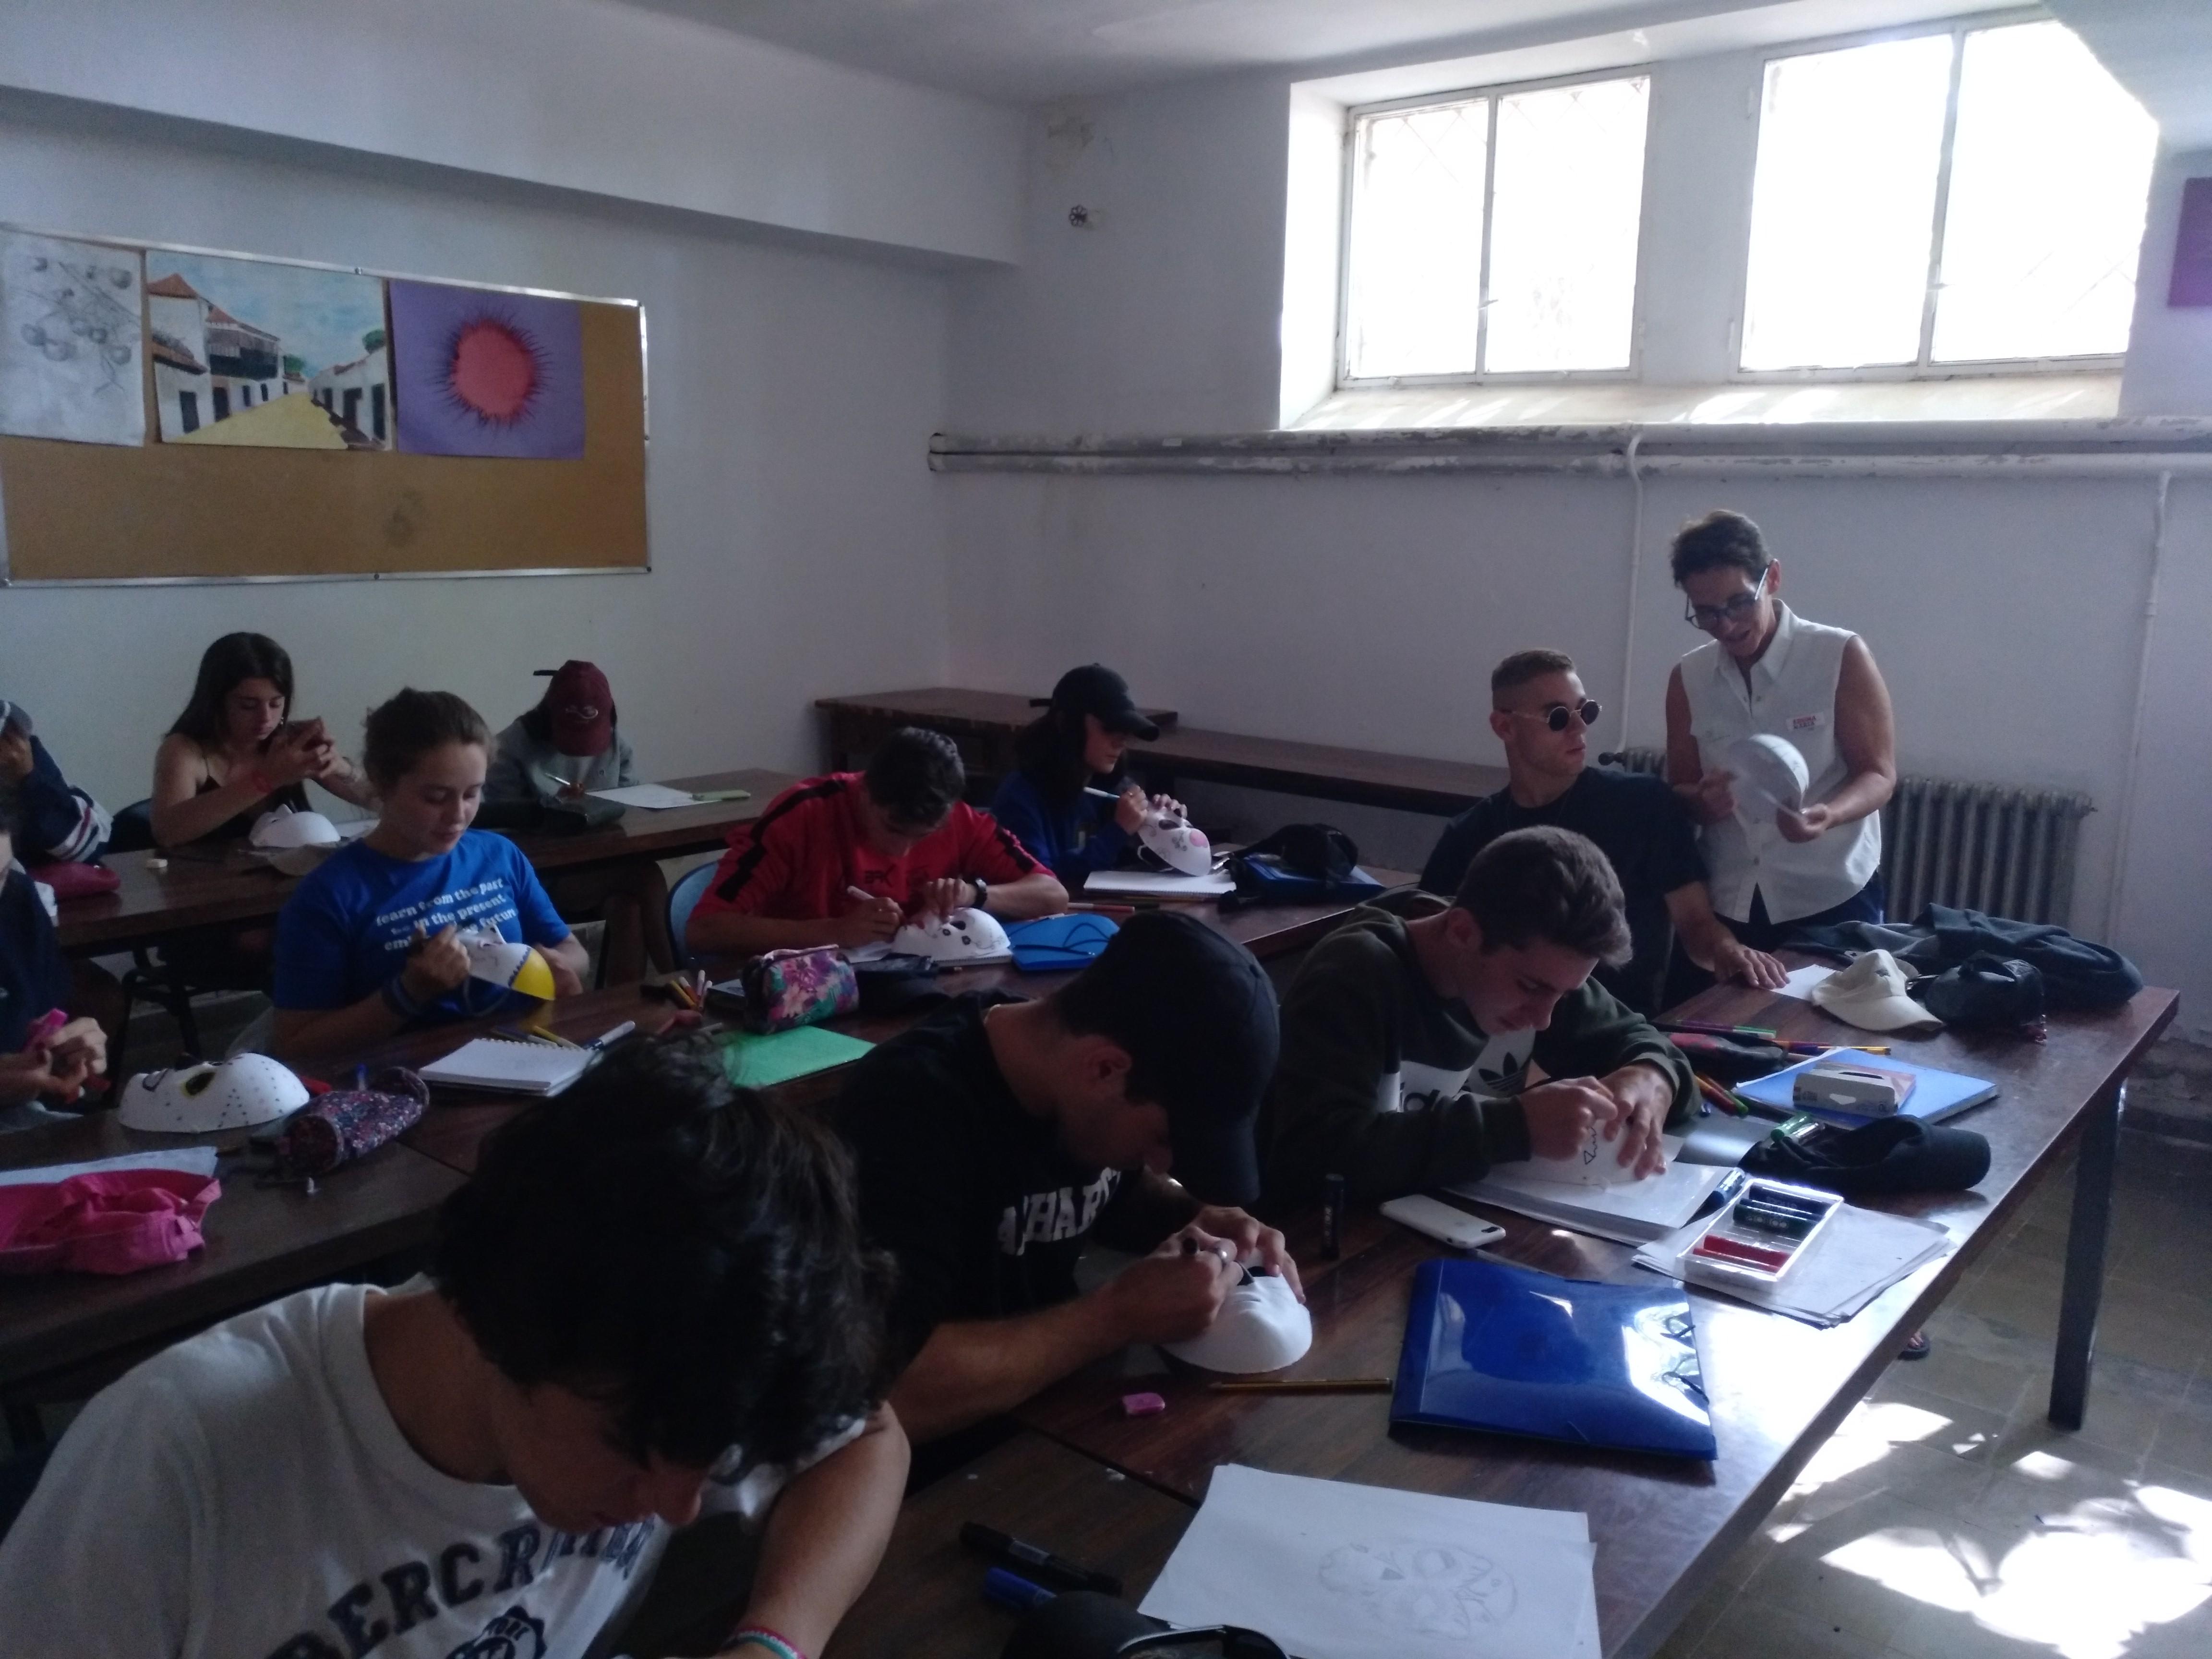 clases del curso semi intensivo de monitor de ocio y tiempo libre en verano